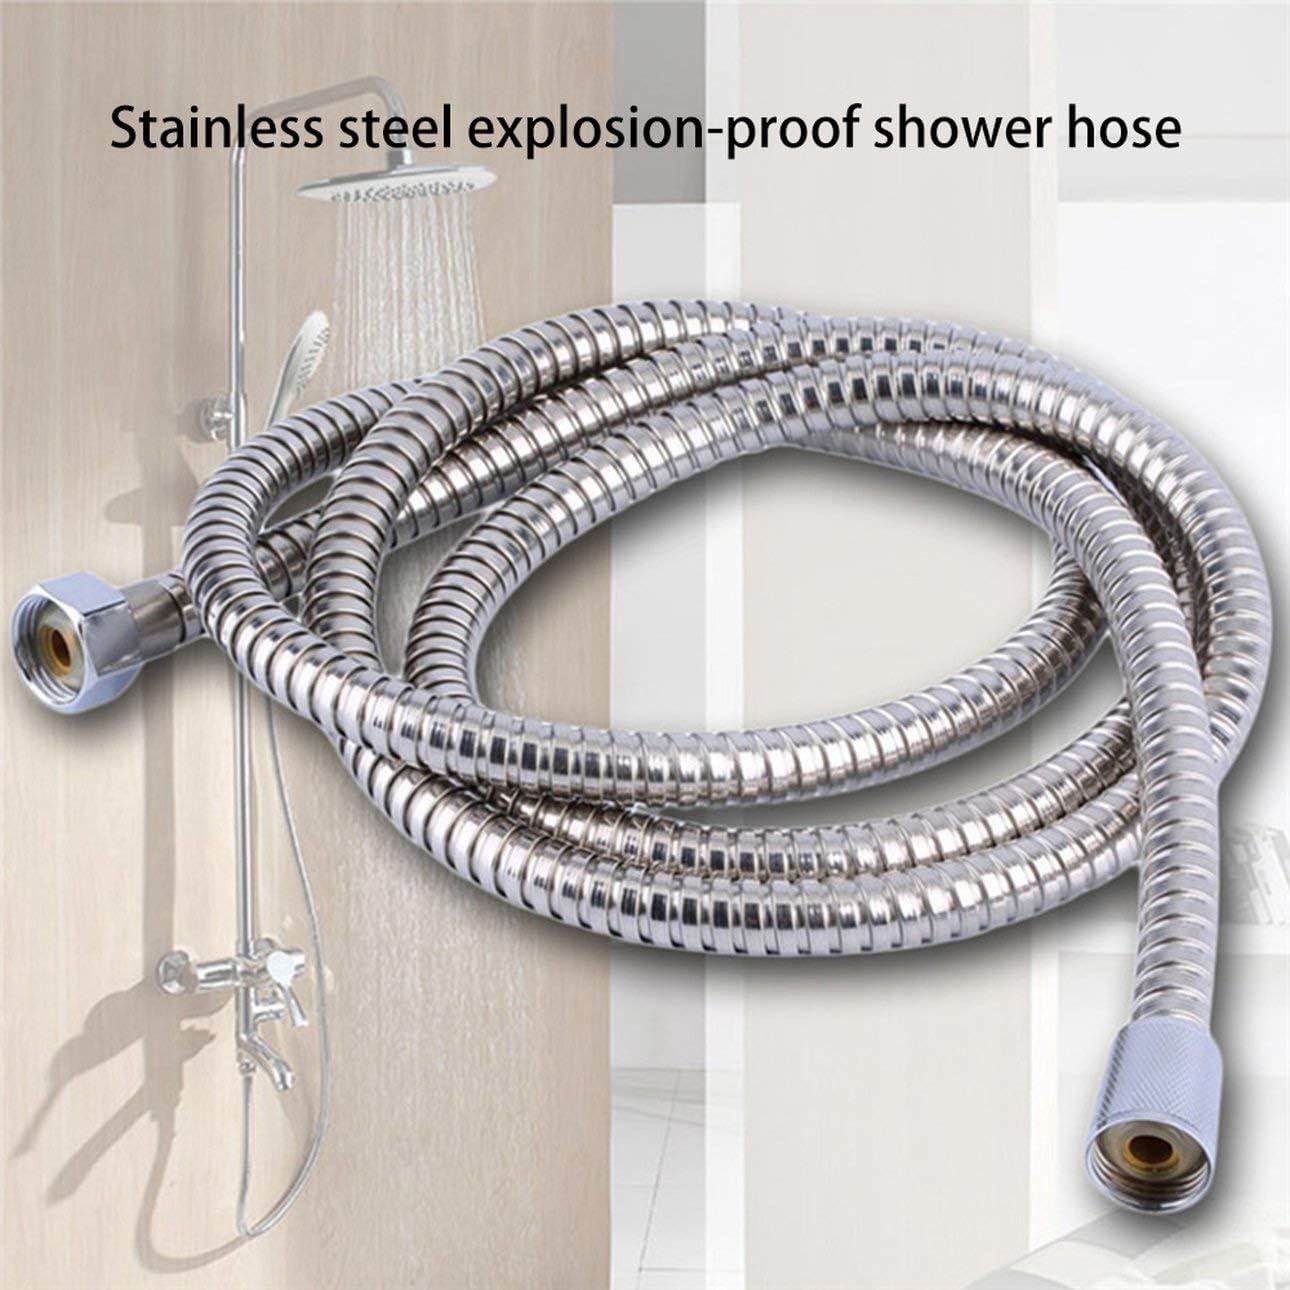 Ballylelly Tuyau flexible de salle de bains dacier inoxydable de tube de douche de plomberie avec la r/ésistance /à hautes temp/ératures